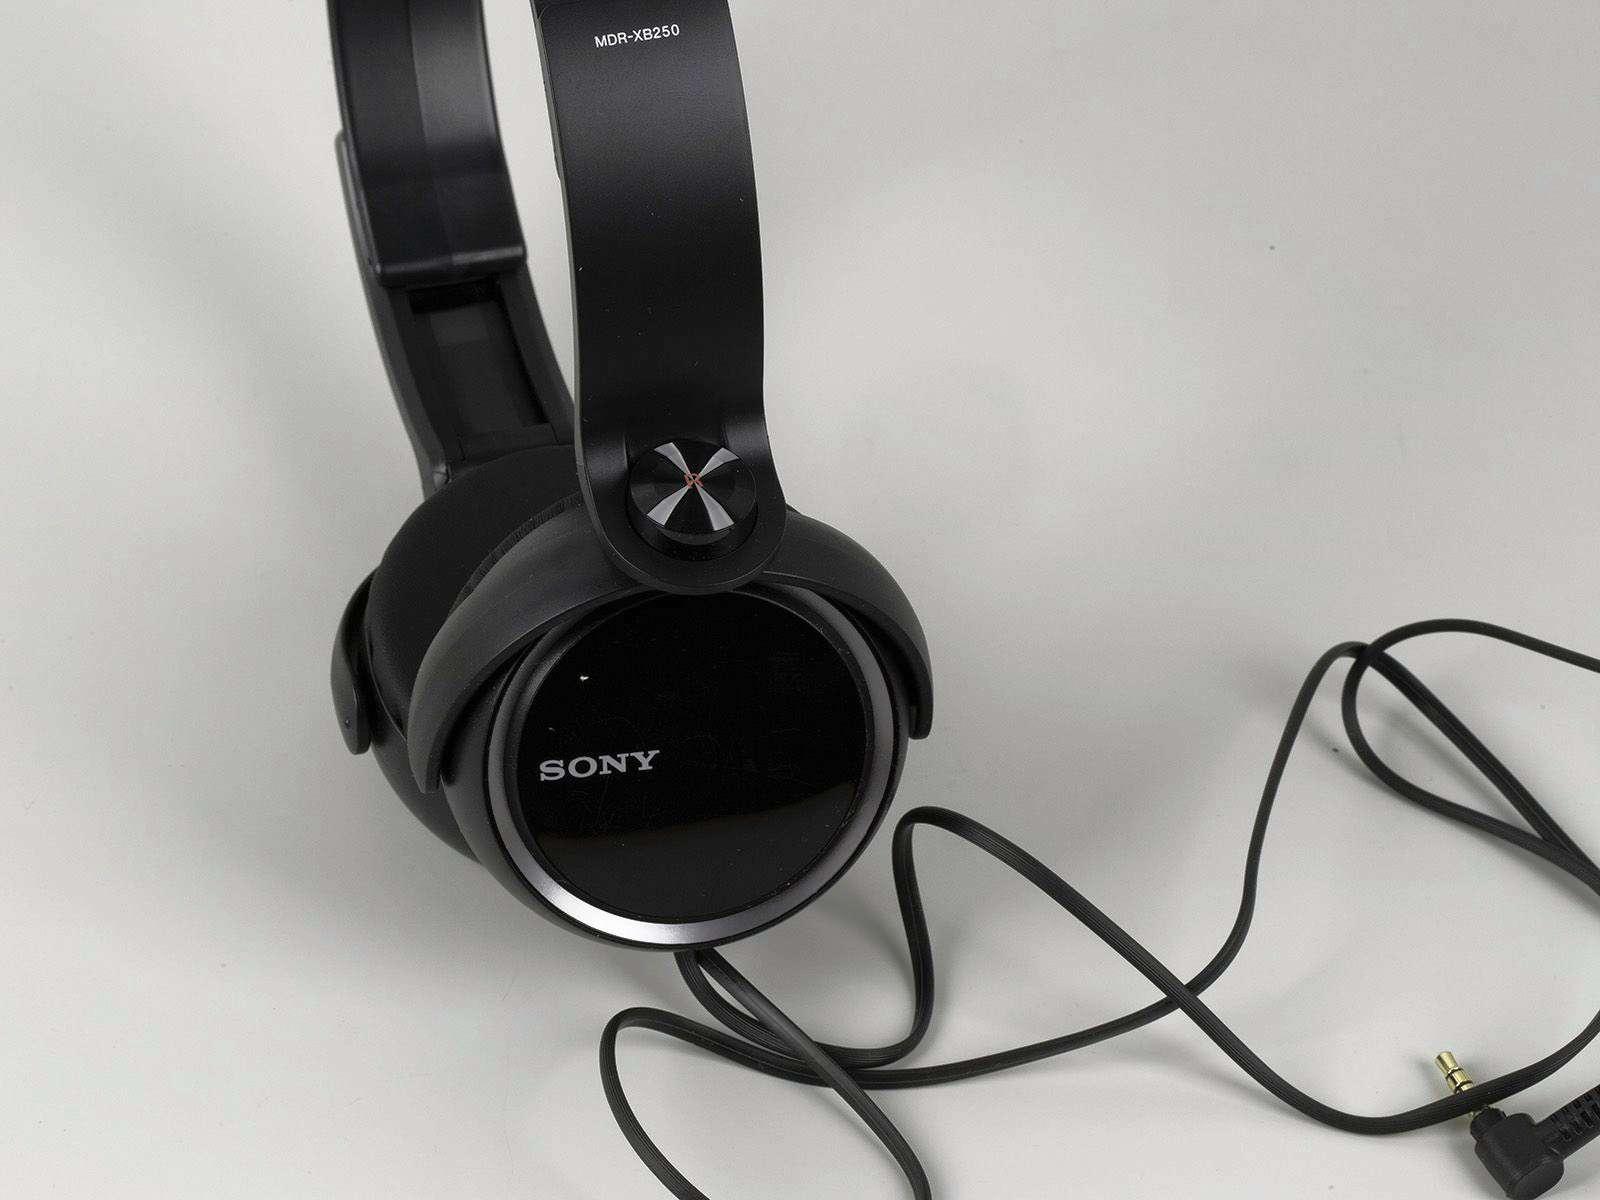 Наушники Sony MDR-XB250B — купить в интернет-магазине ОНЛАЙН ТРЕЙД.РУ 3d948ae3a70d0